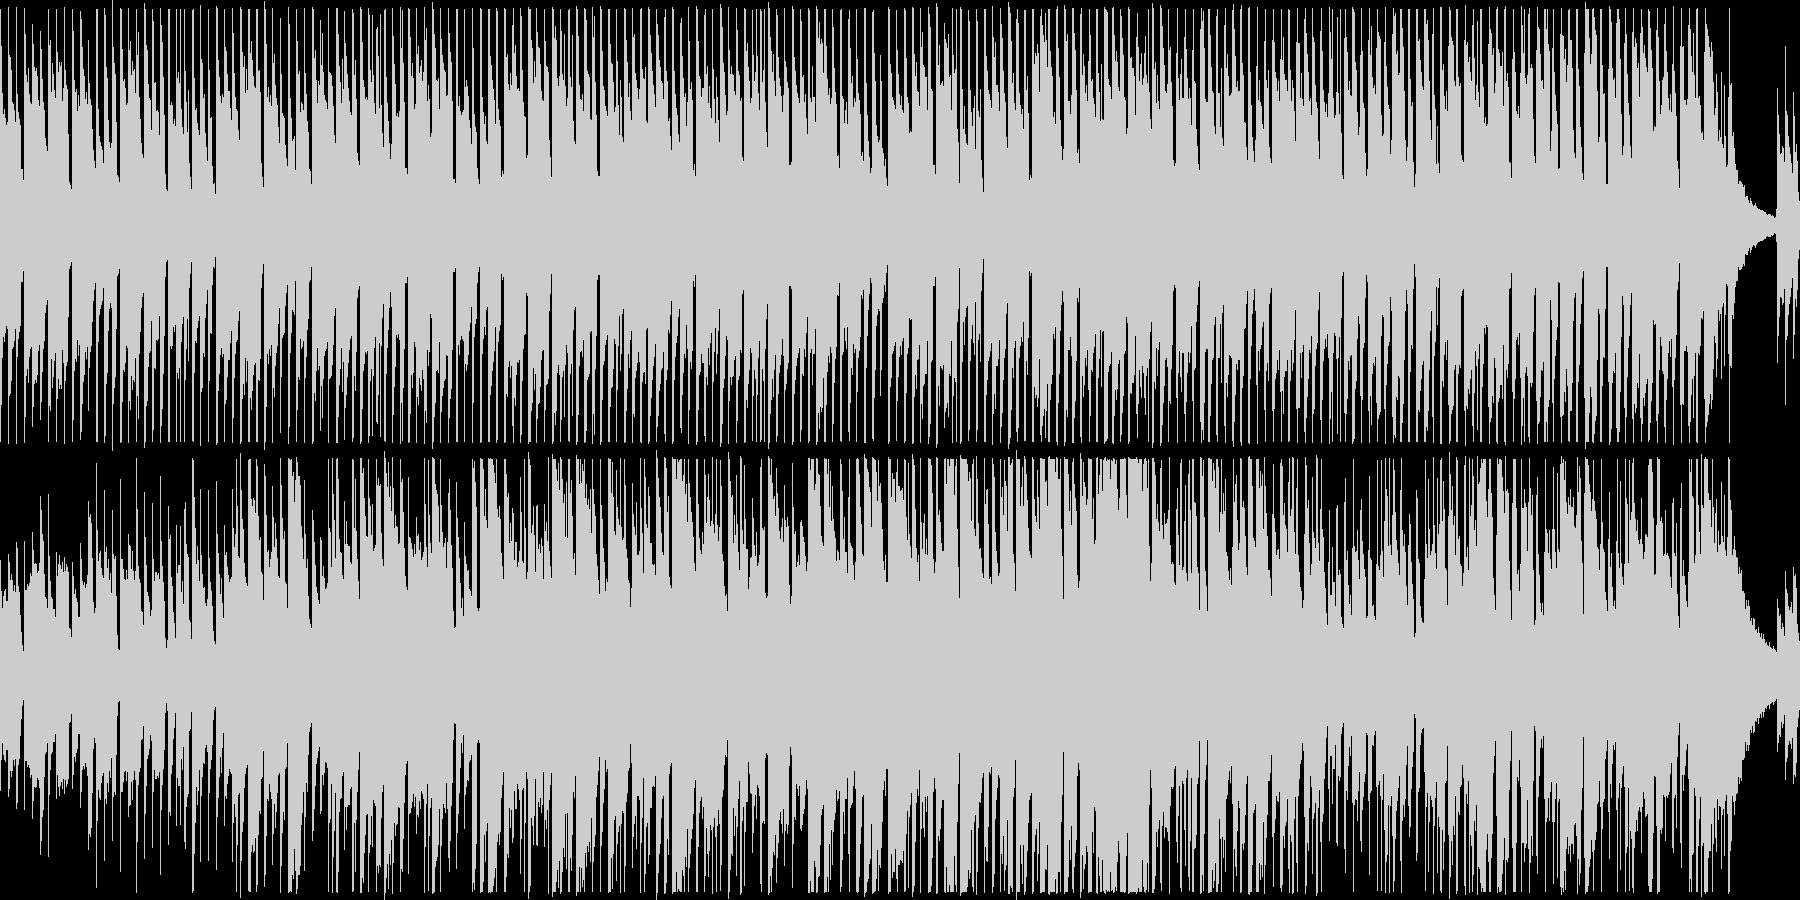 アコギ2本のクールで落ち着いたBGM/pの未再生の波形